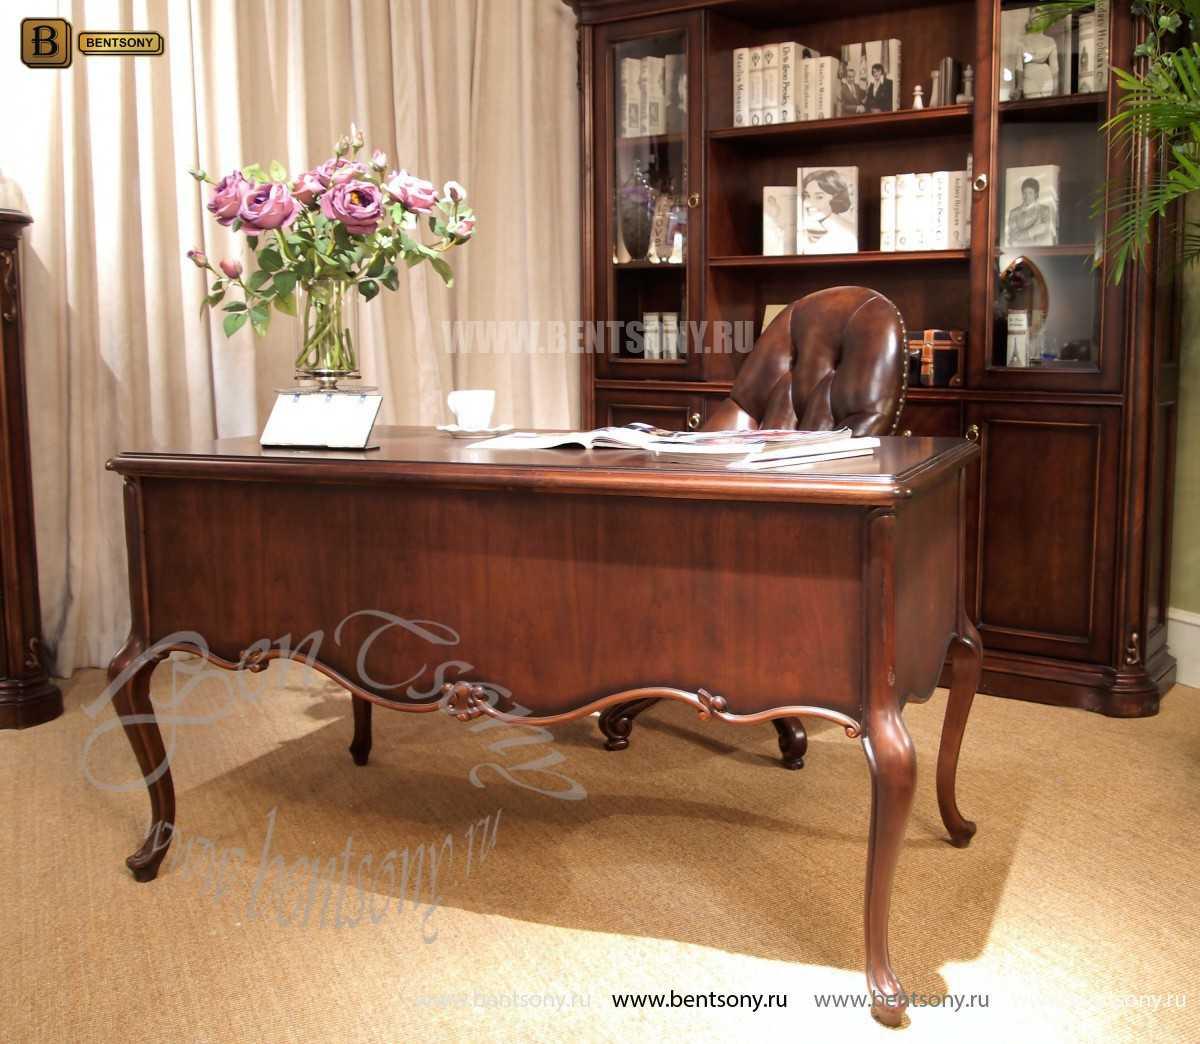 Письменный стол Крофорд (Массив дерева, классика) купить в Москве